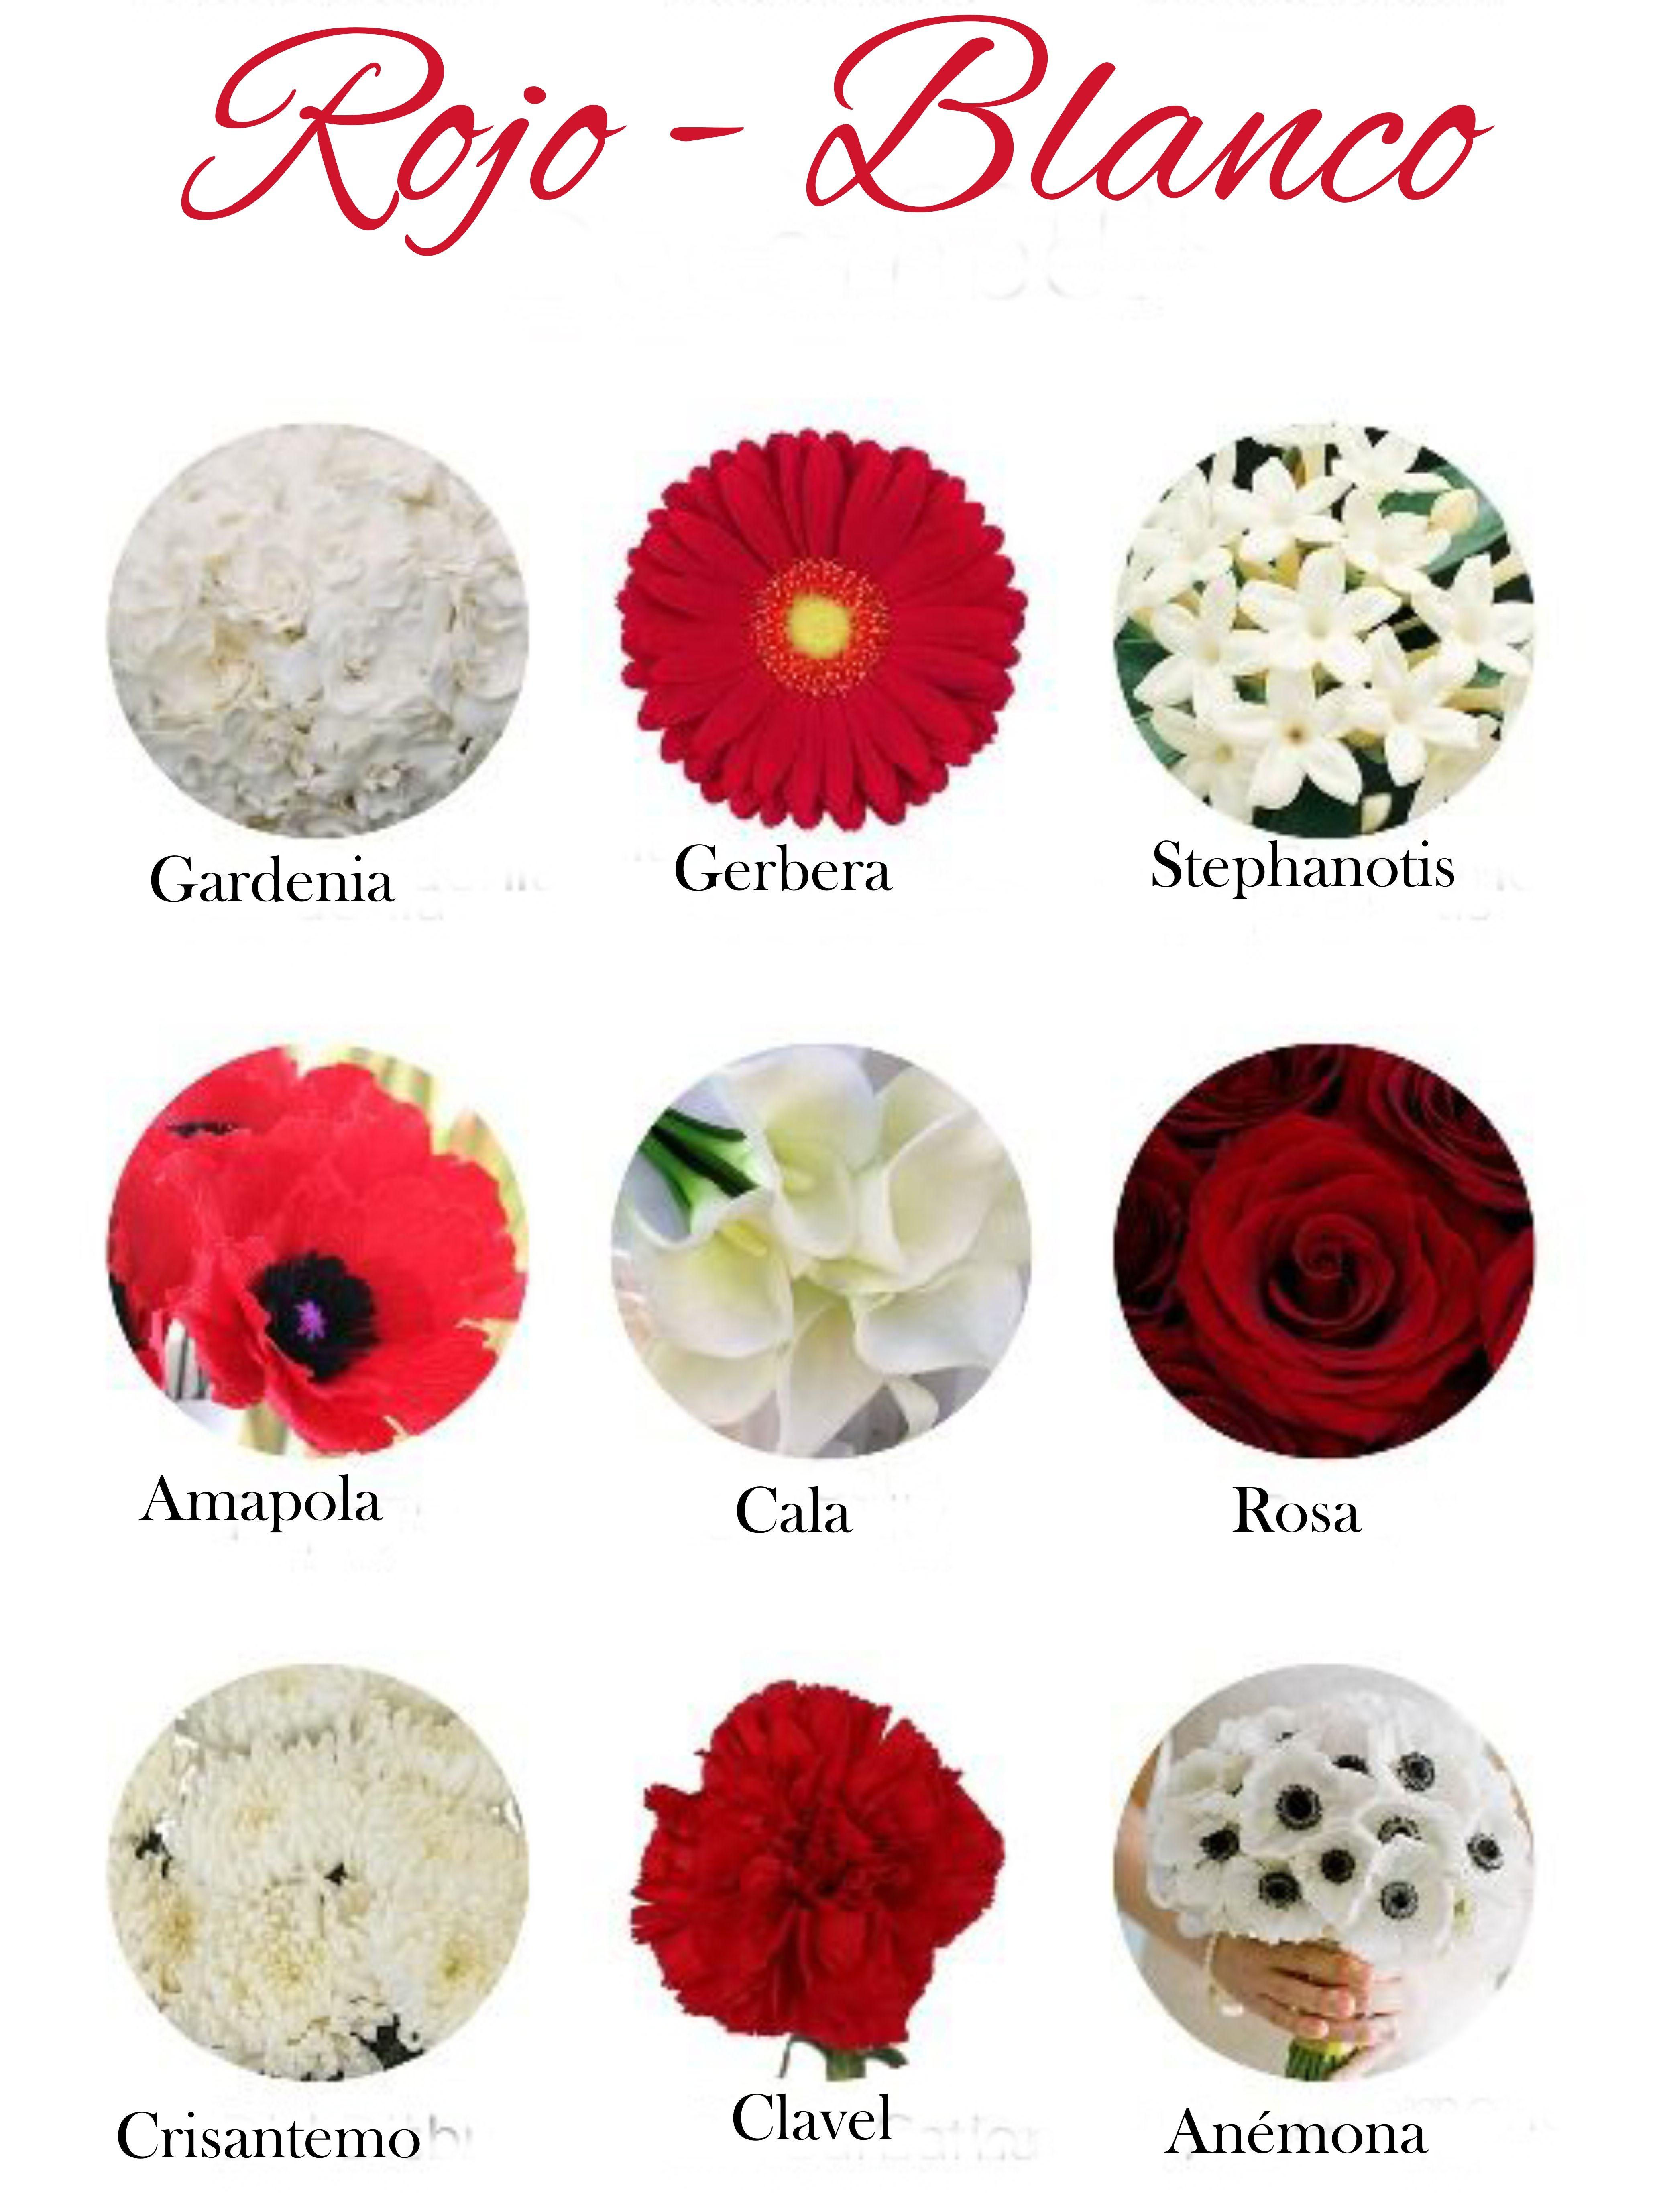 Flores de color rojo y blanco red flowers and white - Clases de flores y sus nombres ...